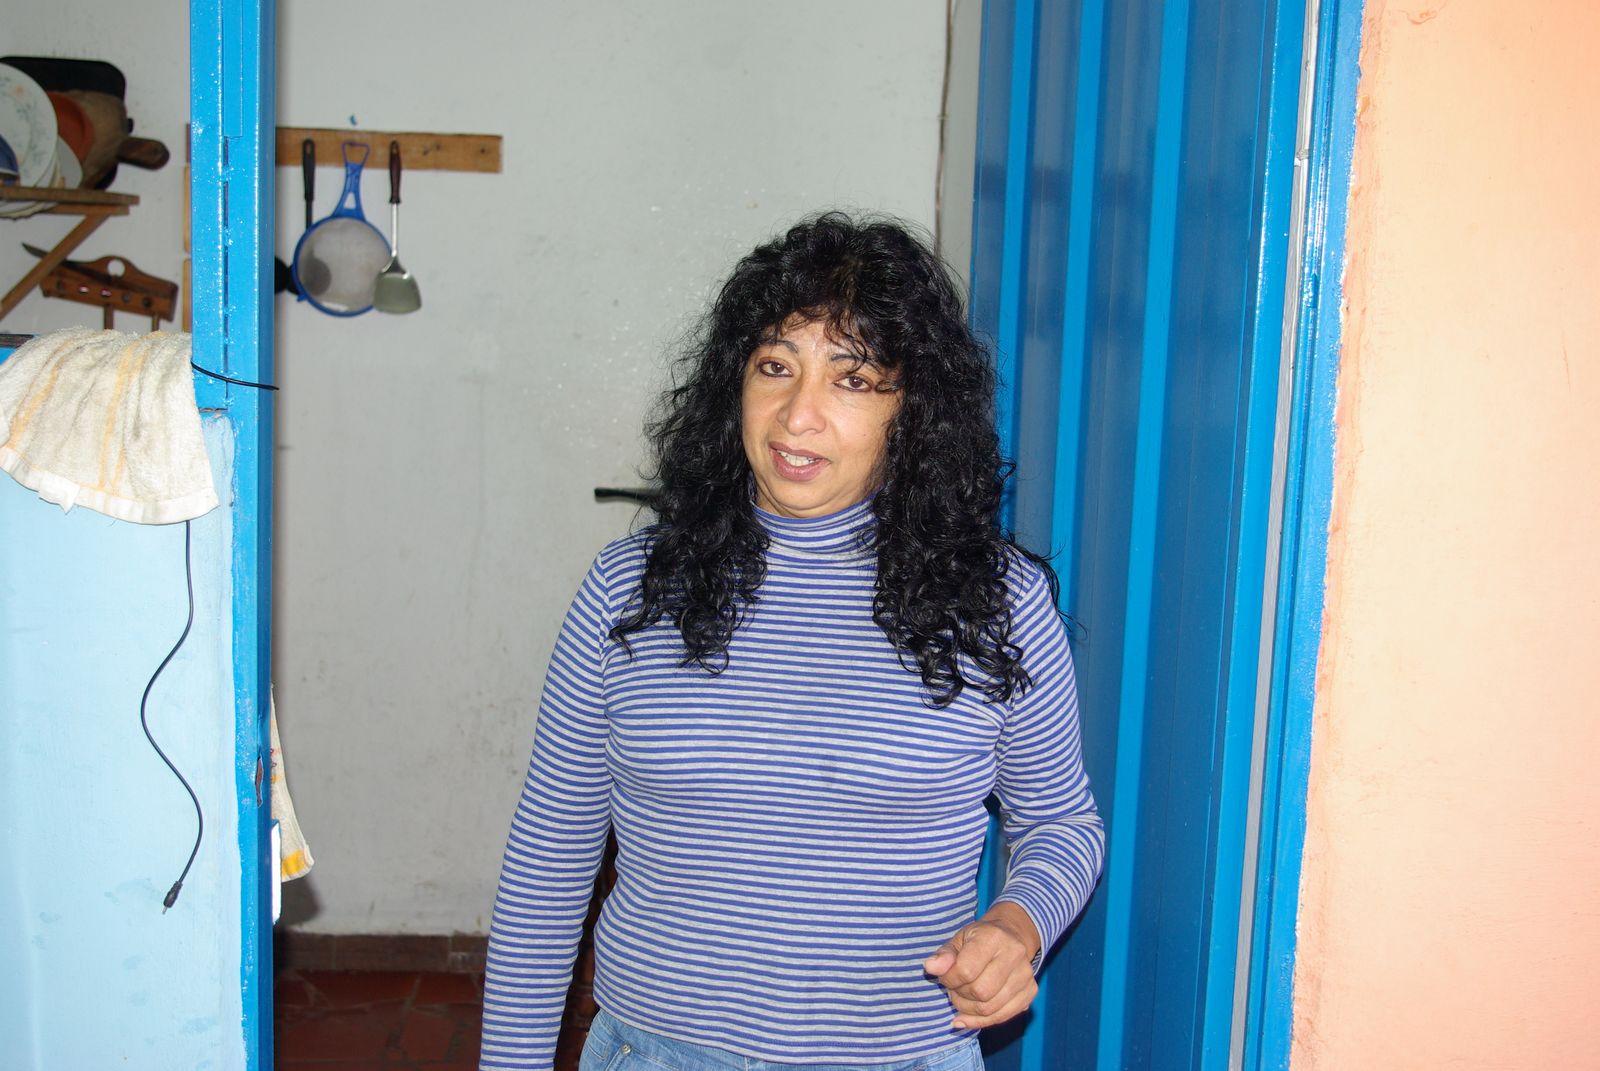 Posada Patty, Parque Las Heroinas, Merida